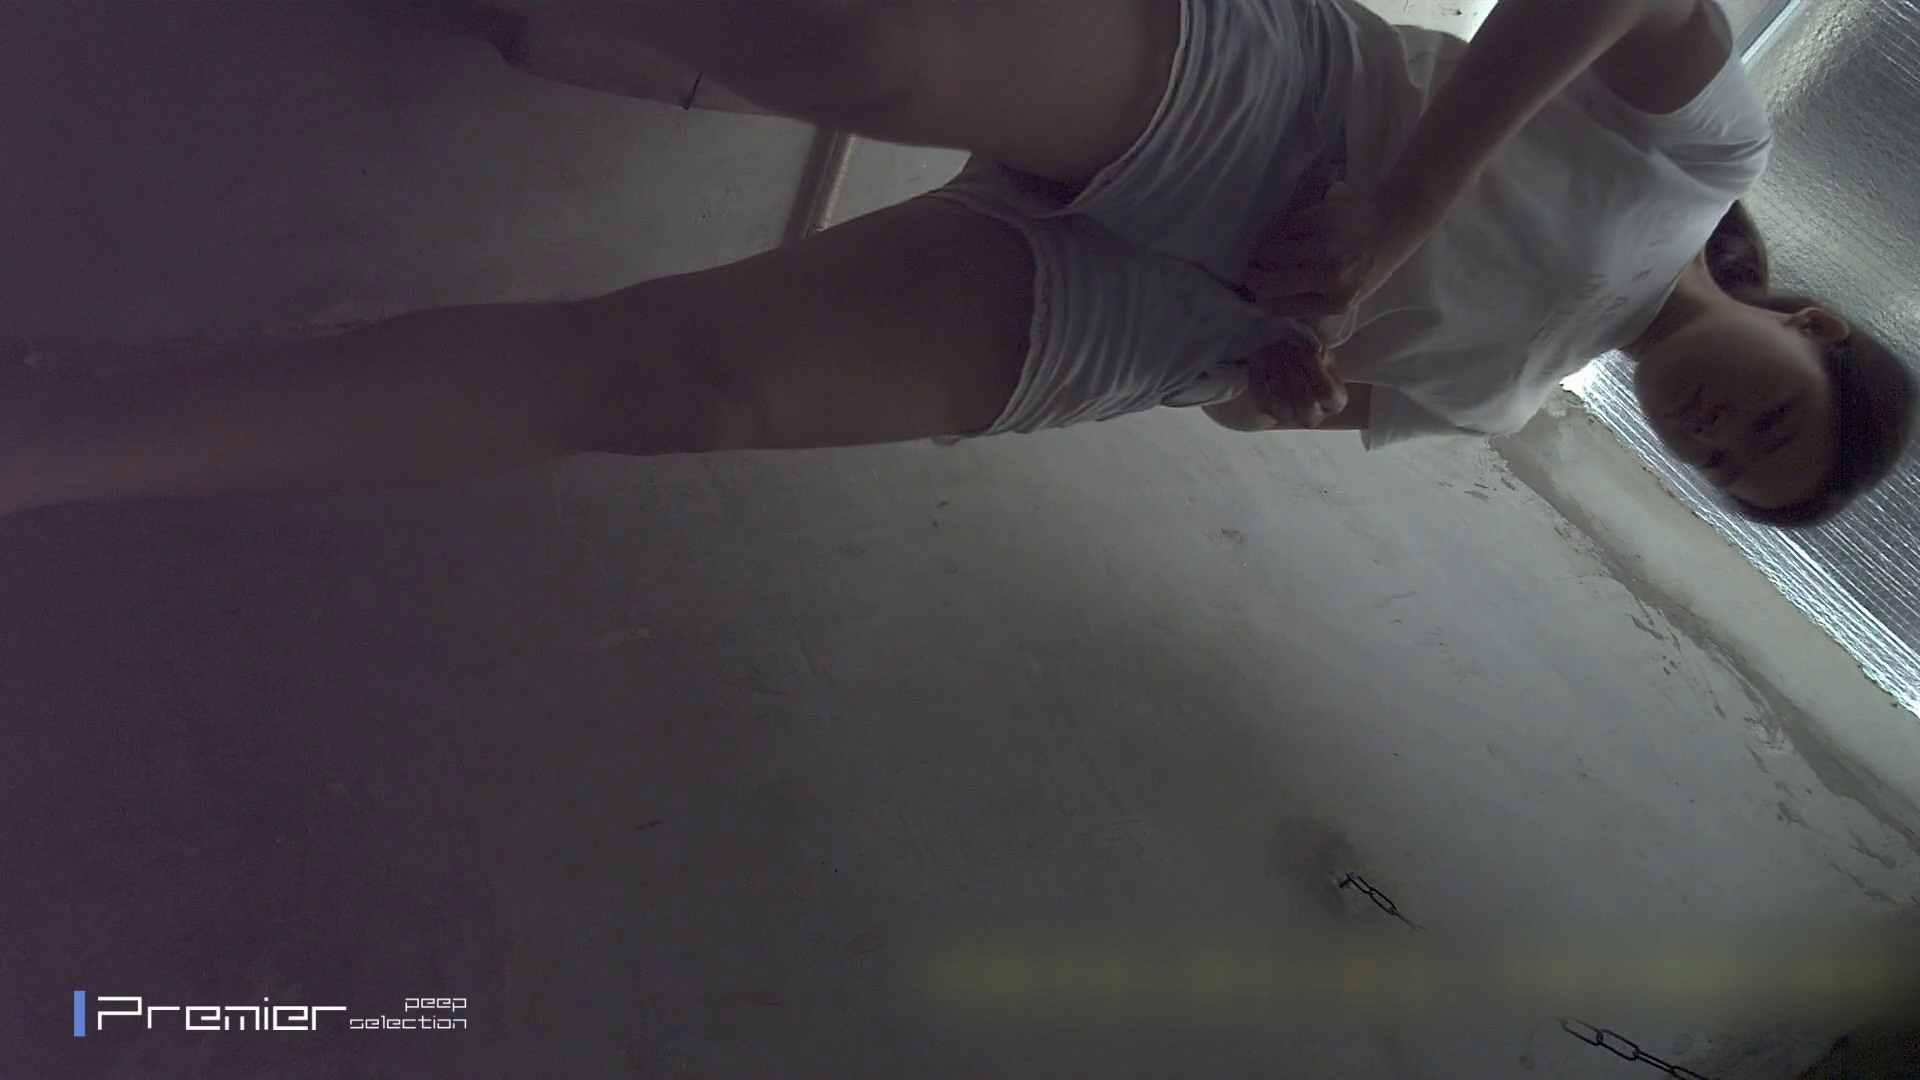 トイレシーンを密着盗撮!! 美女の痴態に密着!Vol.19 細身女性 おまんこ無修正動画無料 82画像 43